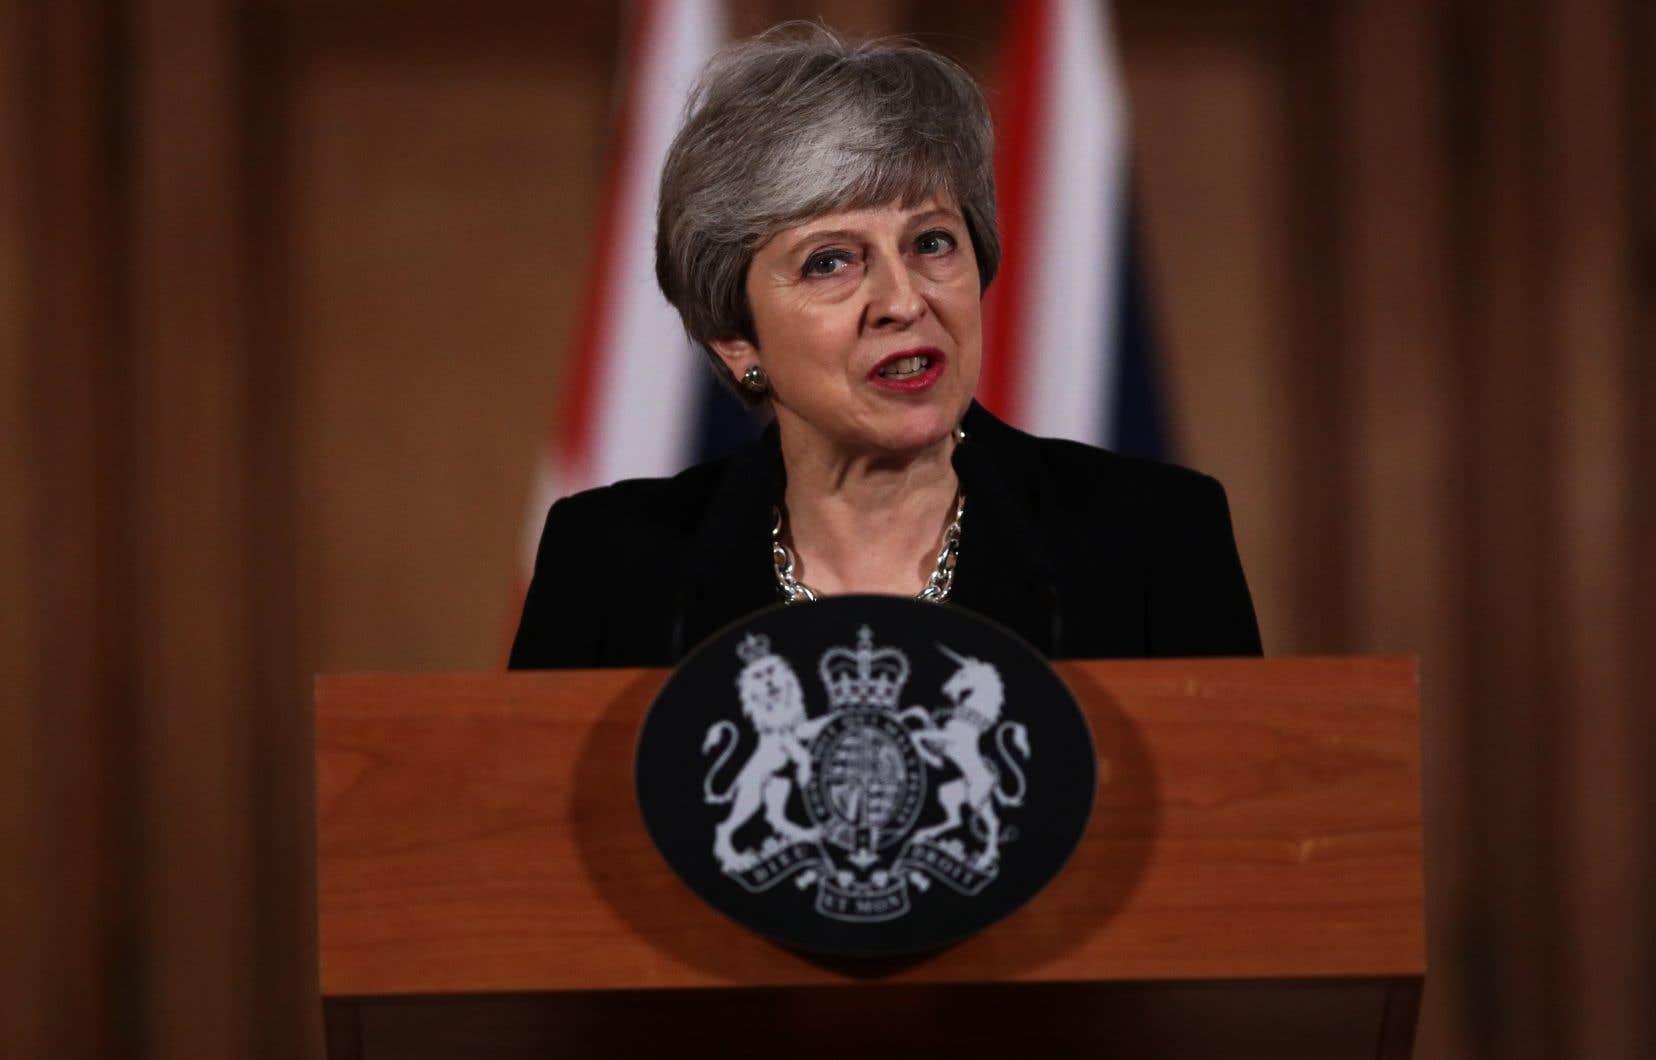 La première ministre britannique Theresa May a livré une courte allocution au 10 Downing Street à l'issue d'un conseil des ministres marathon de sept heures.